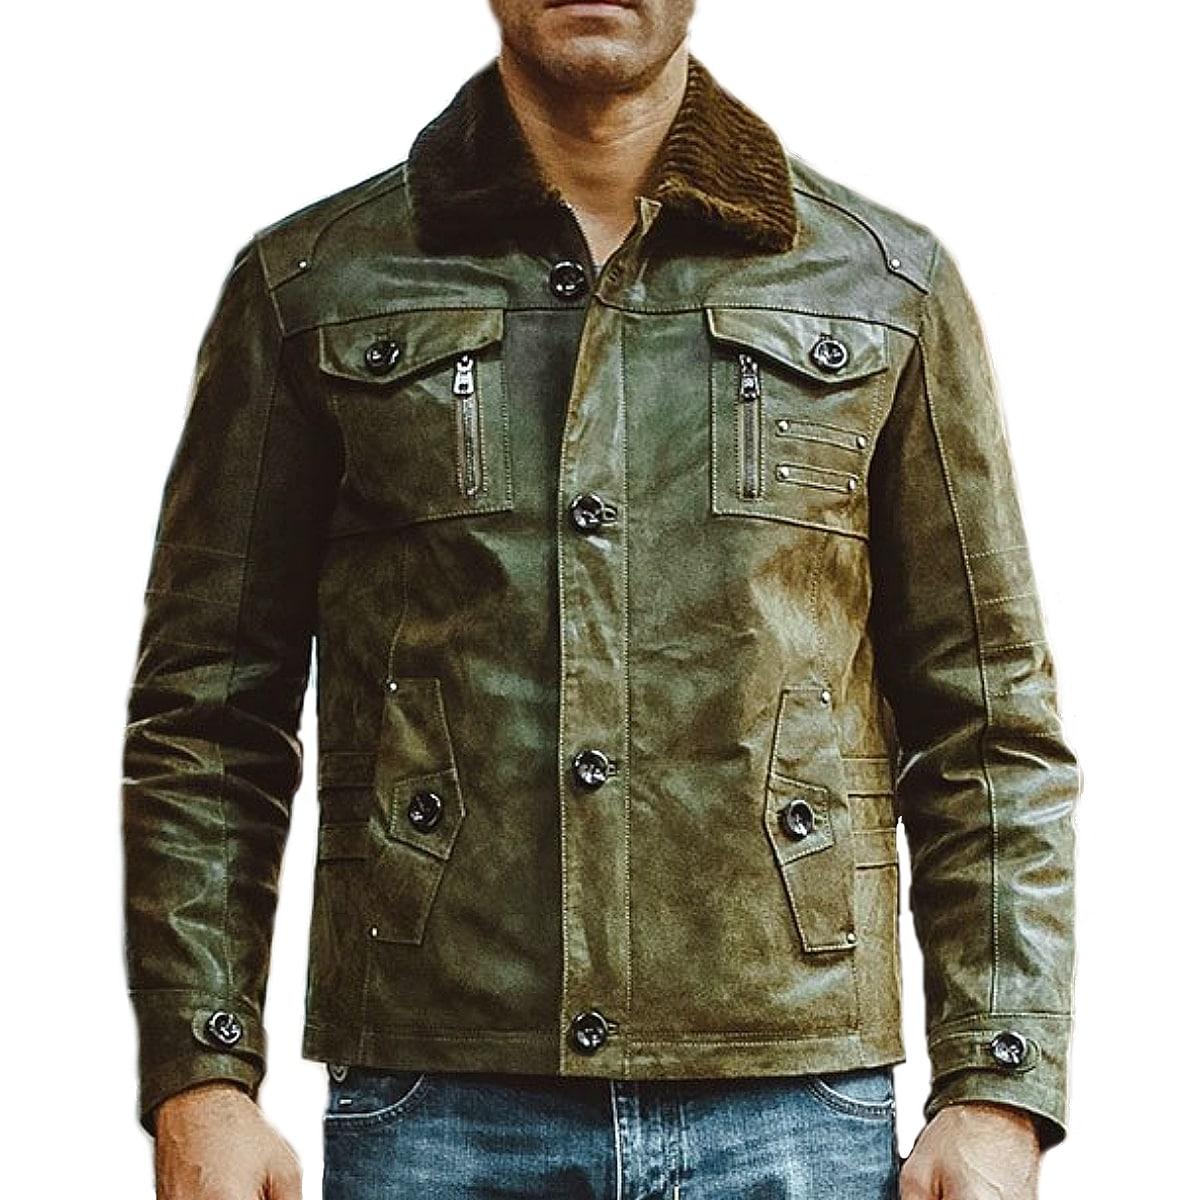 【送料無料!】全10サイズ! [Men's Fur Collar Button Army Green Pigskin Genuine Leather Jacket] メンズ ファーカラー ボタン アーミーグリーン ピッグスキン ジェニュインレザージャケット! 本革 豚革 革ジャン グリーン ミリタリー コート アウター バイクに!